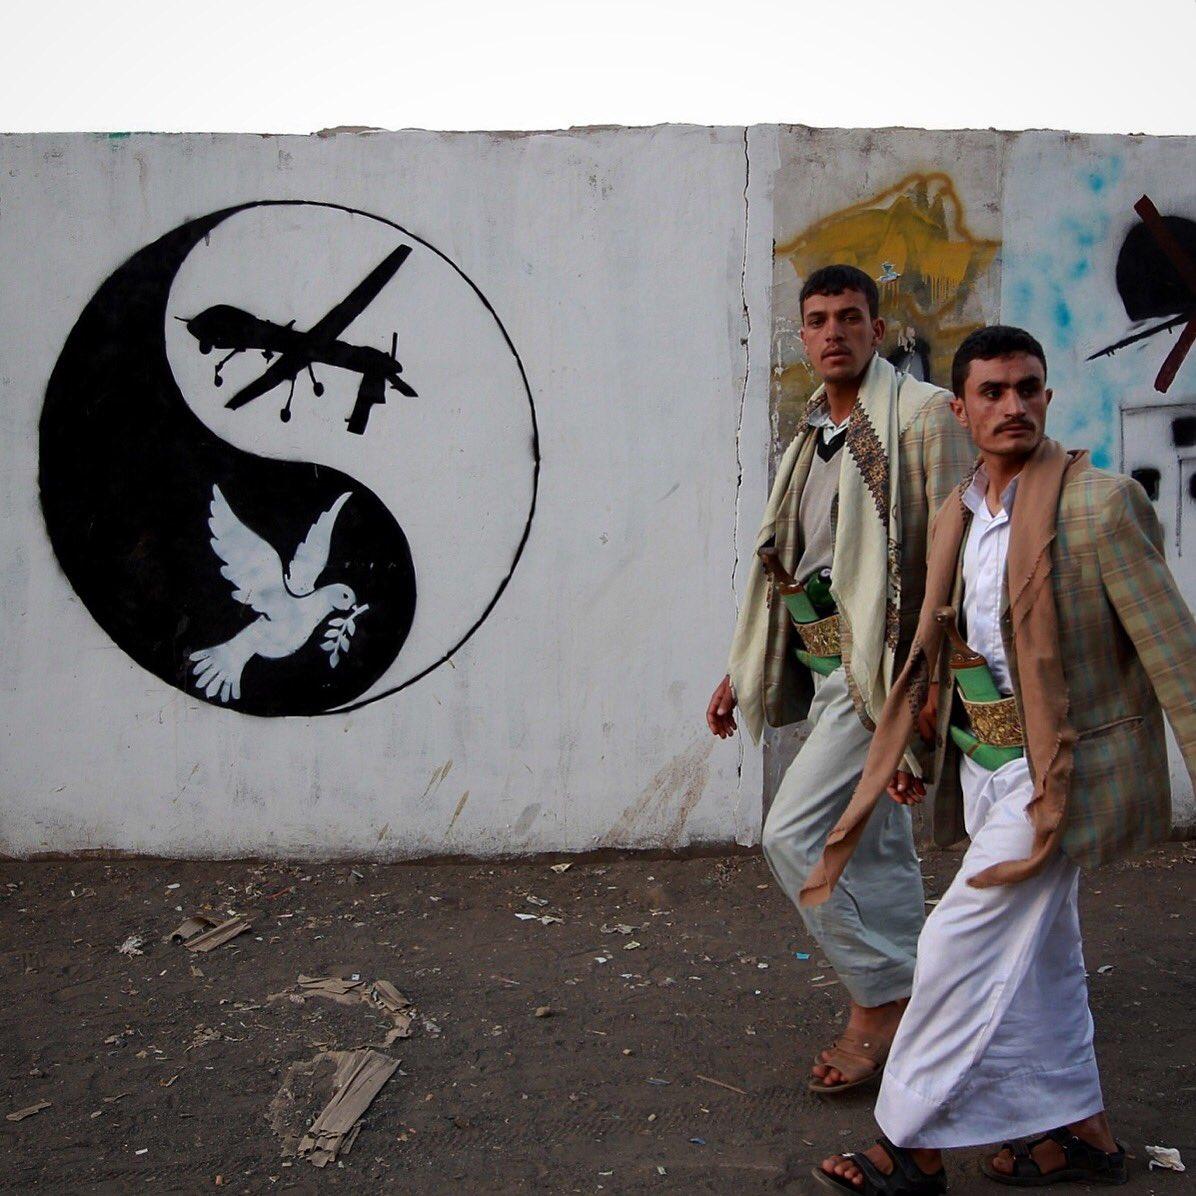 Drone / Dove mural in Yemen https://t.co/lVOYYkoy20